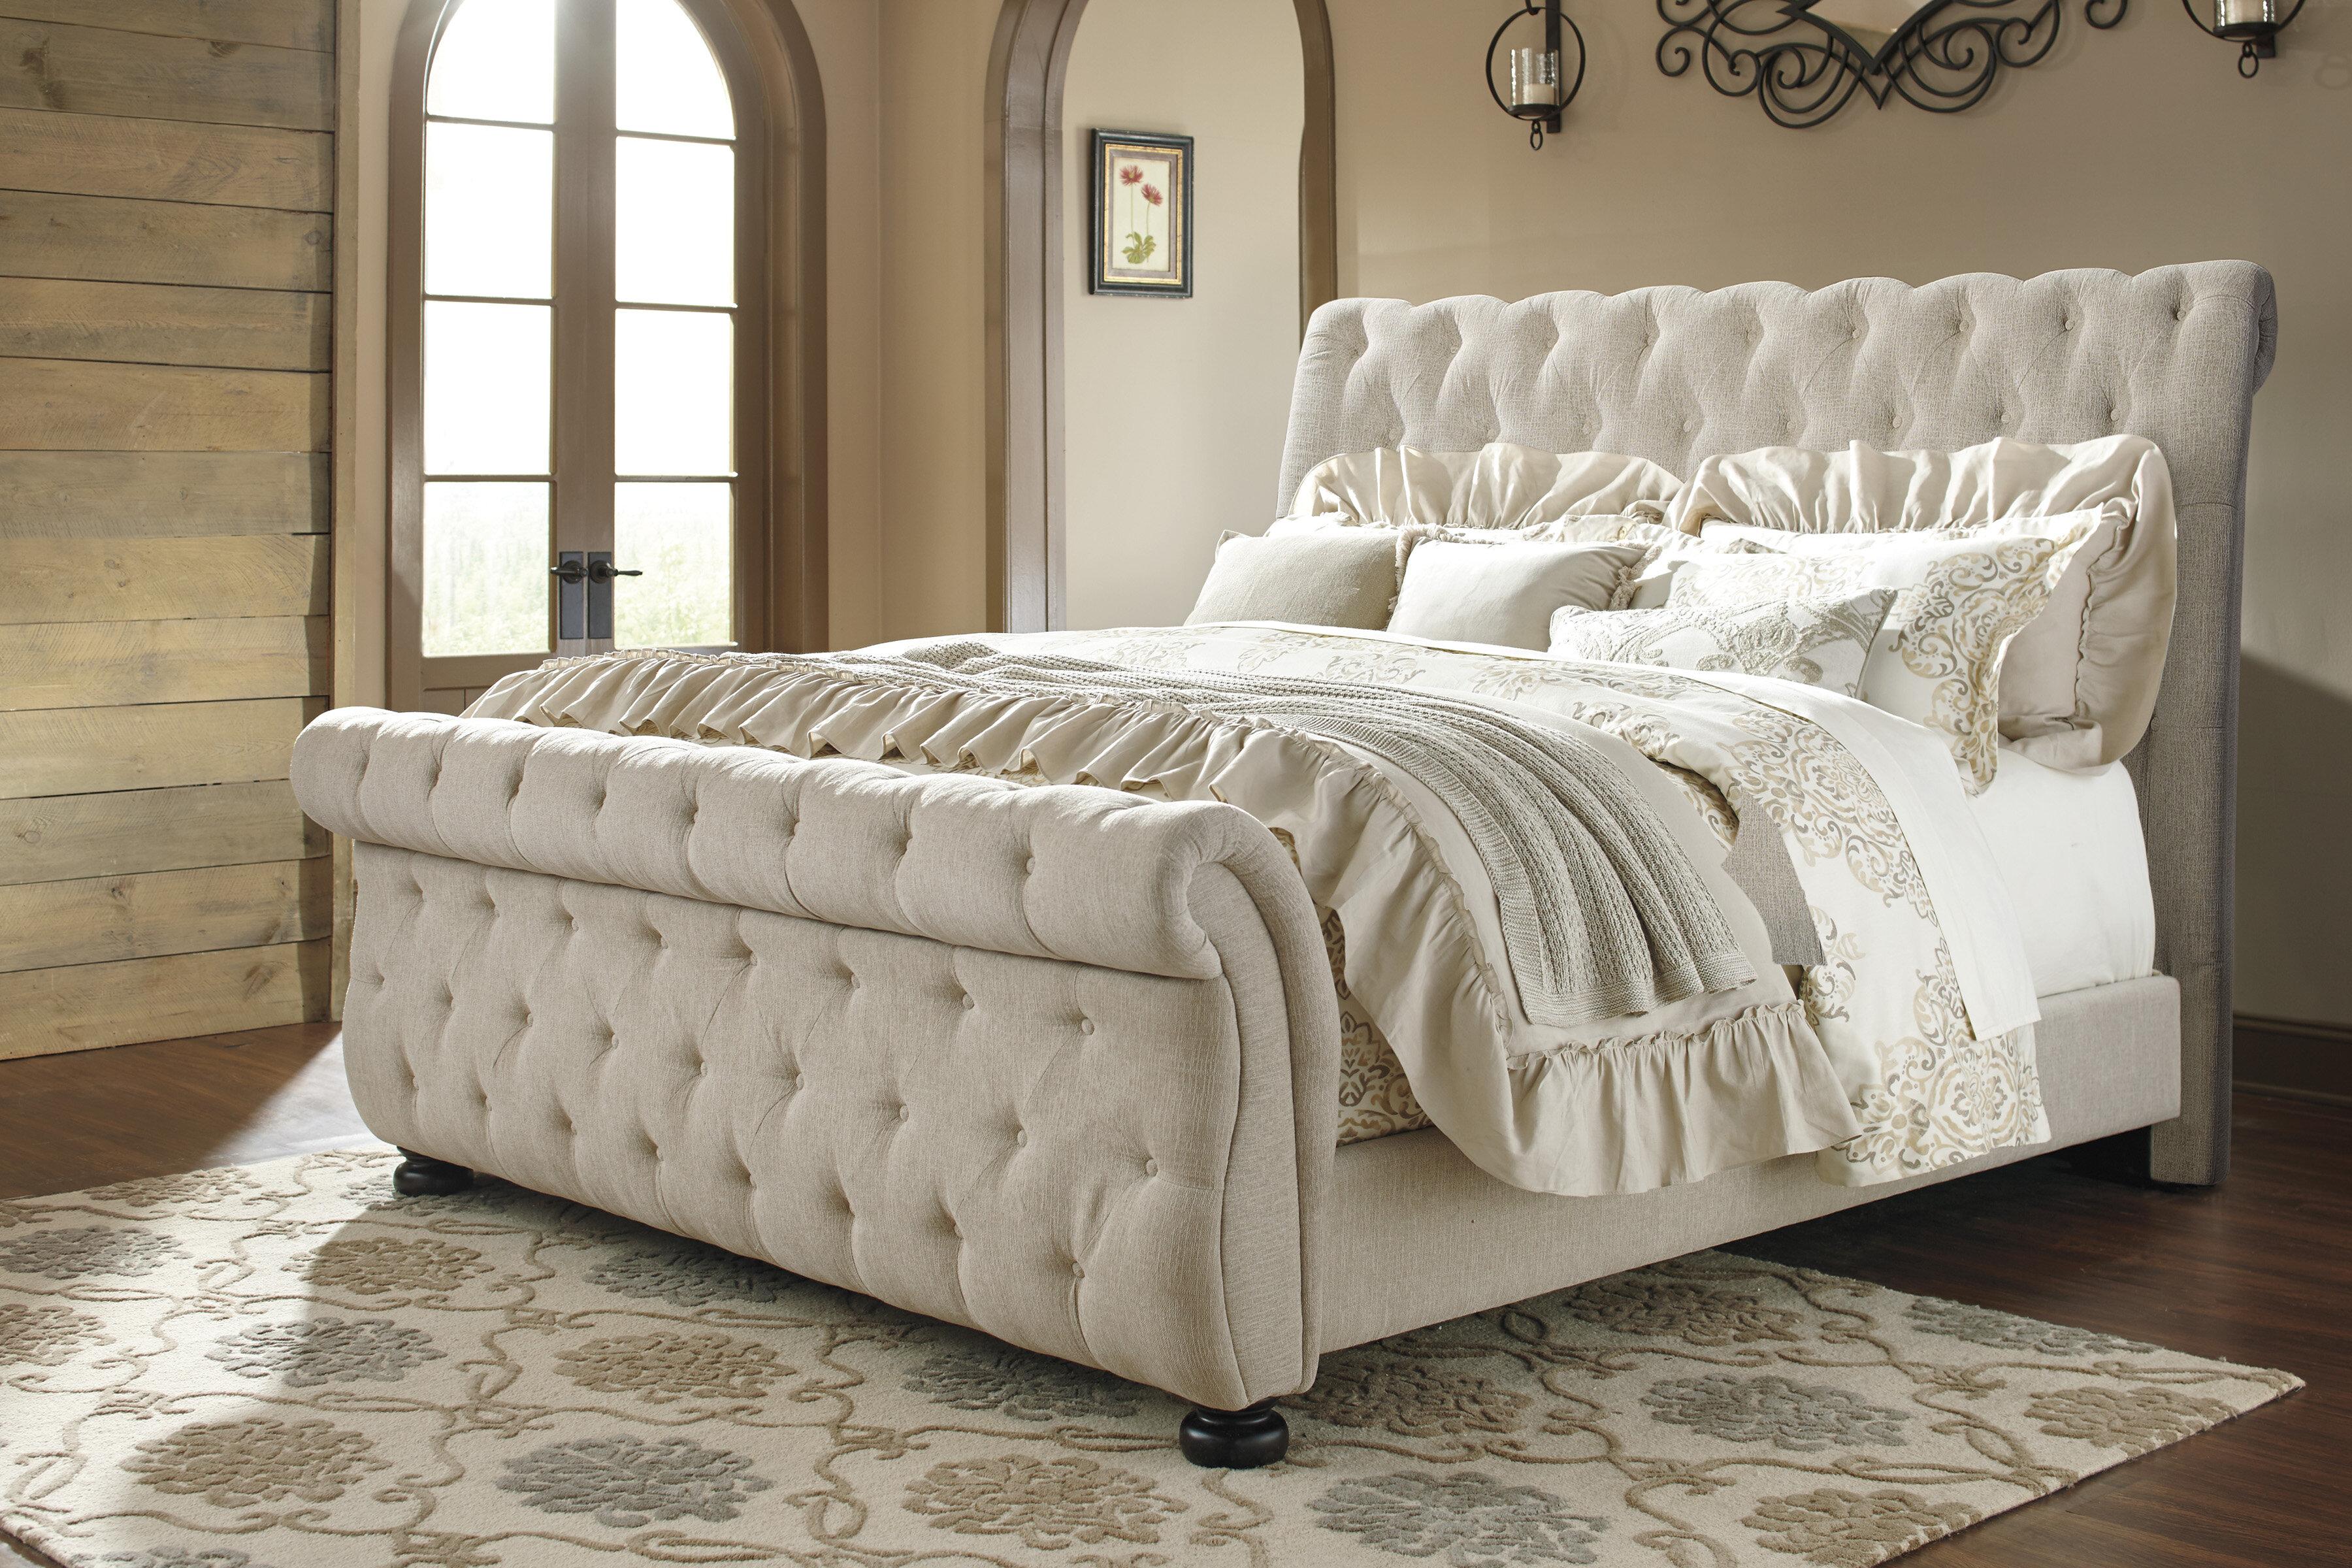 Ballwin Upholstered Sleigh Bed Reviews Joss Main